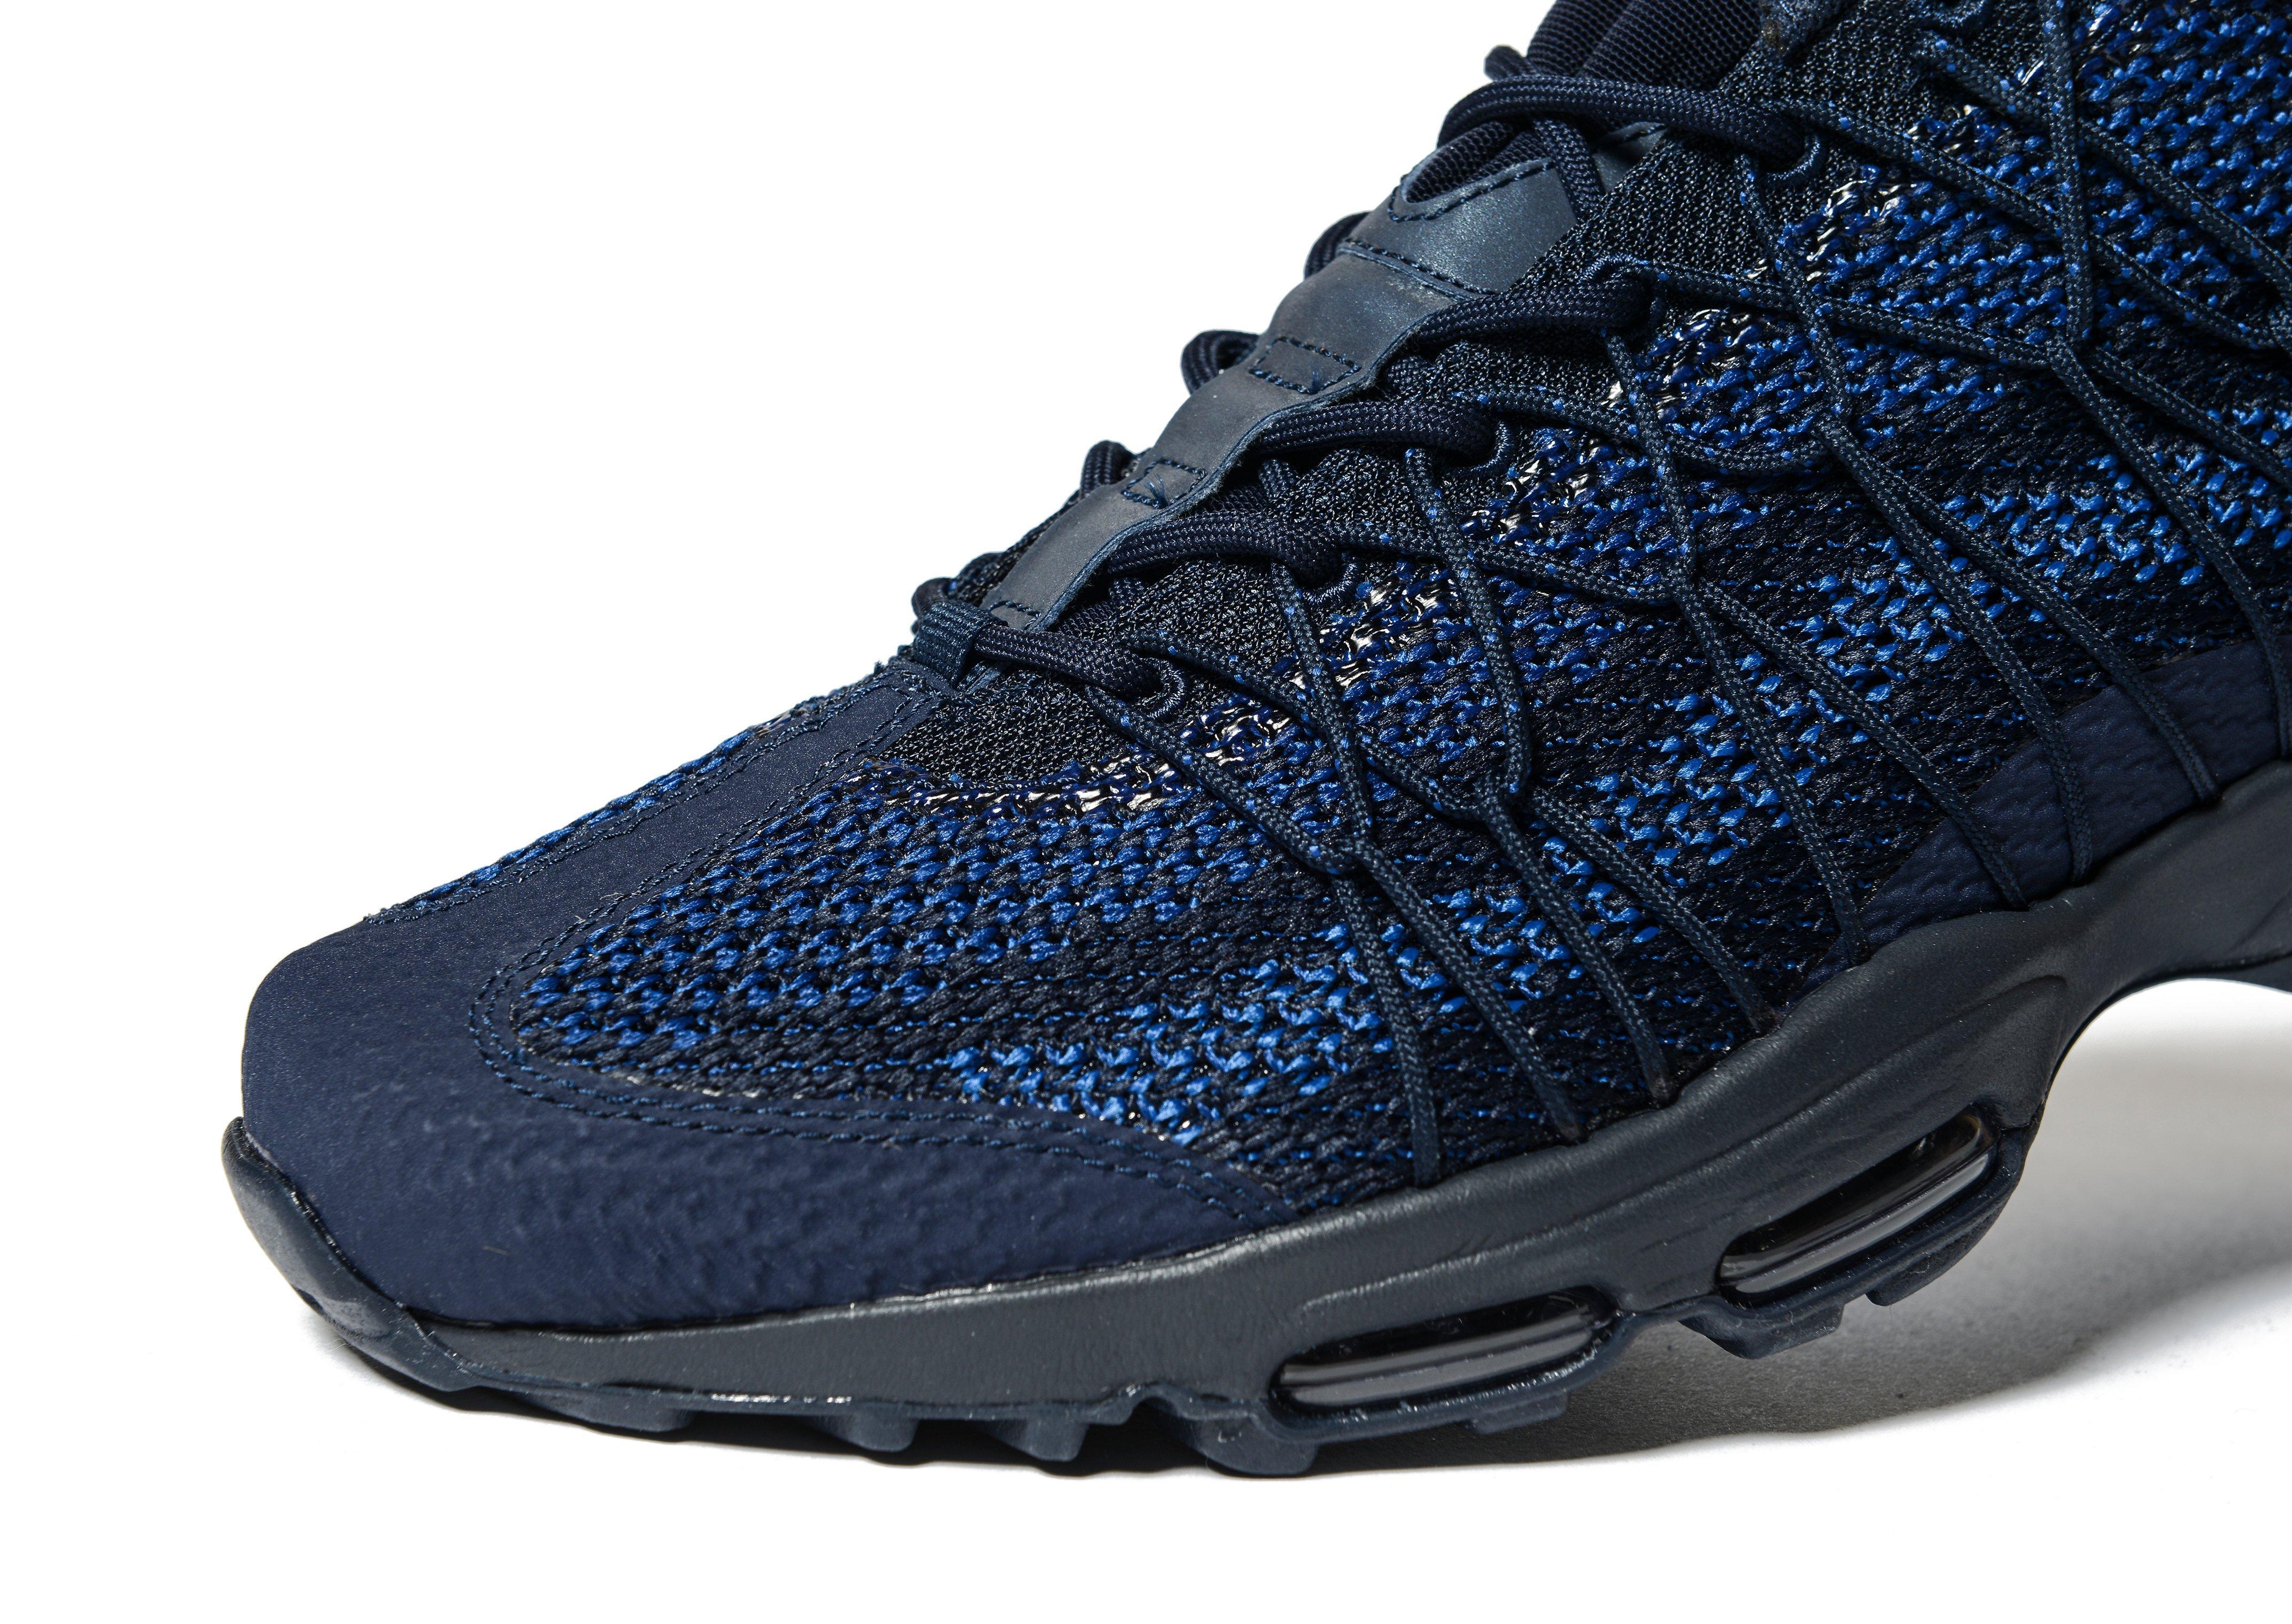 nike air max 95 blue